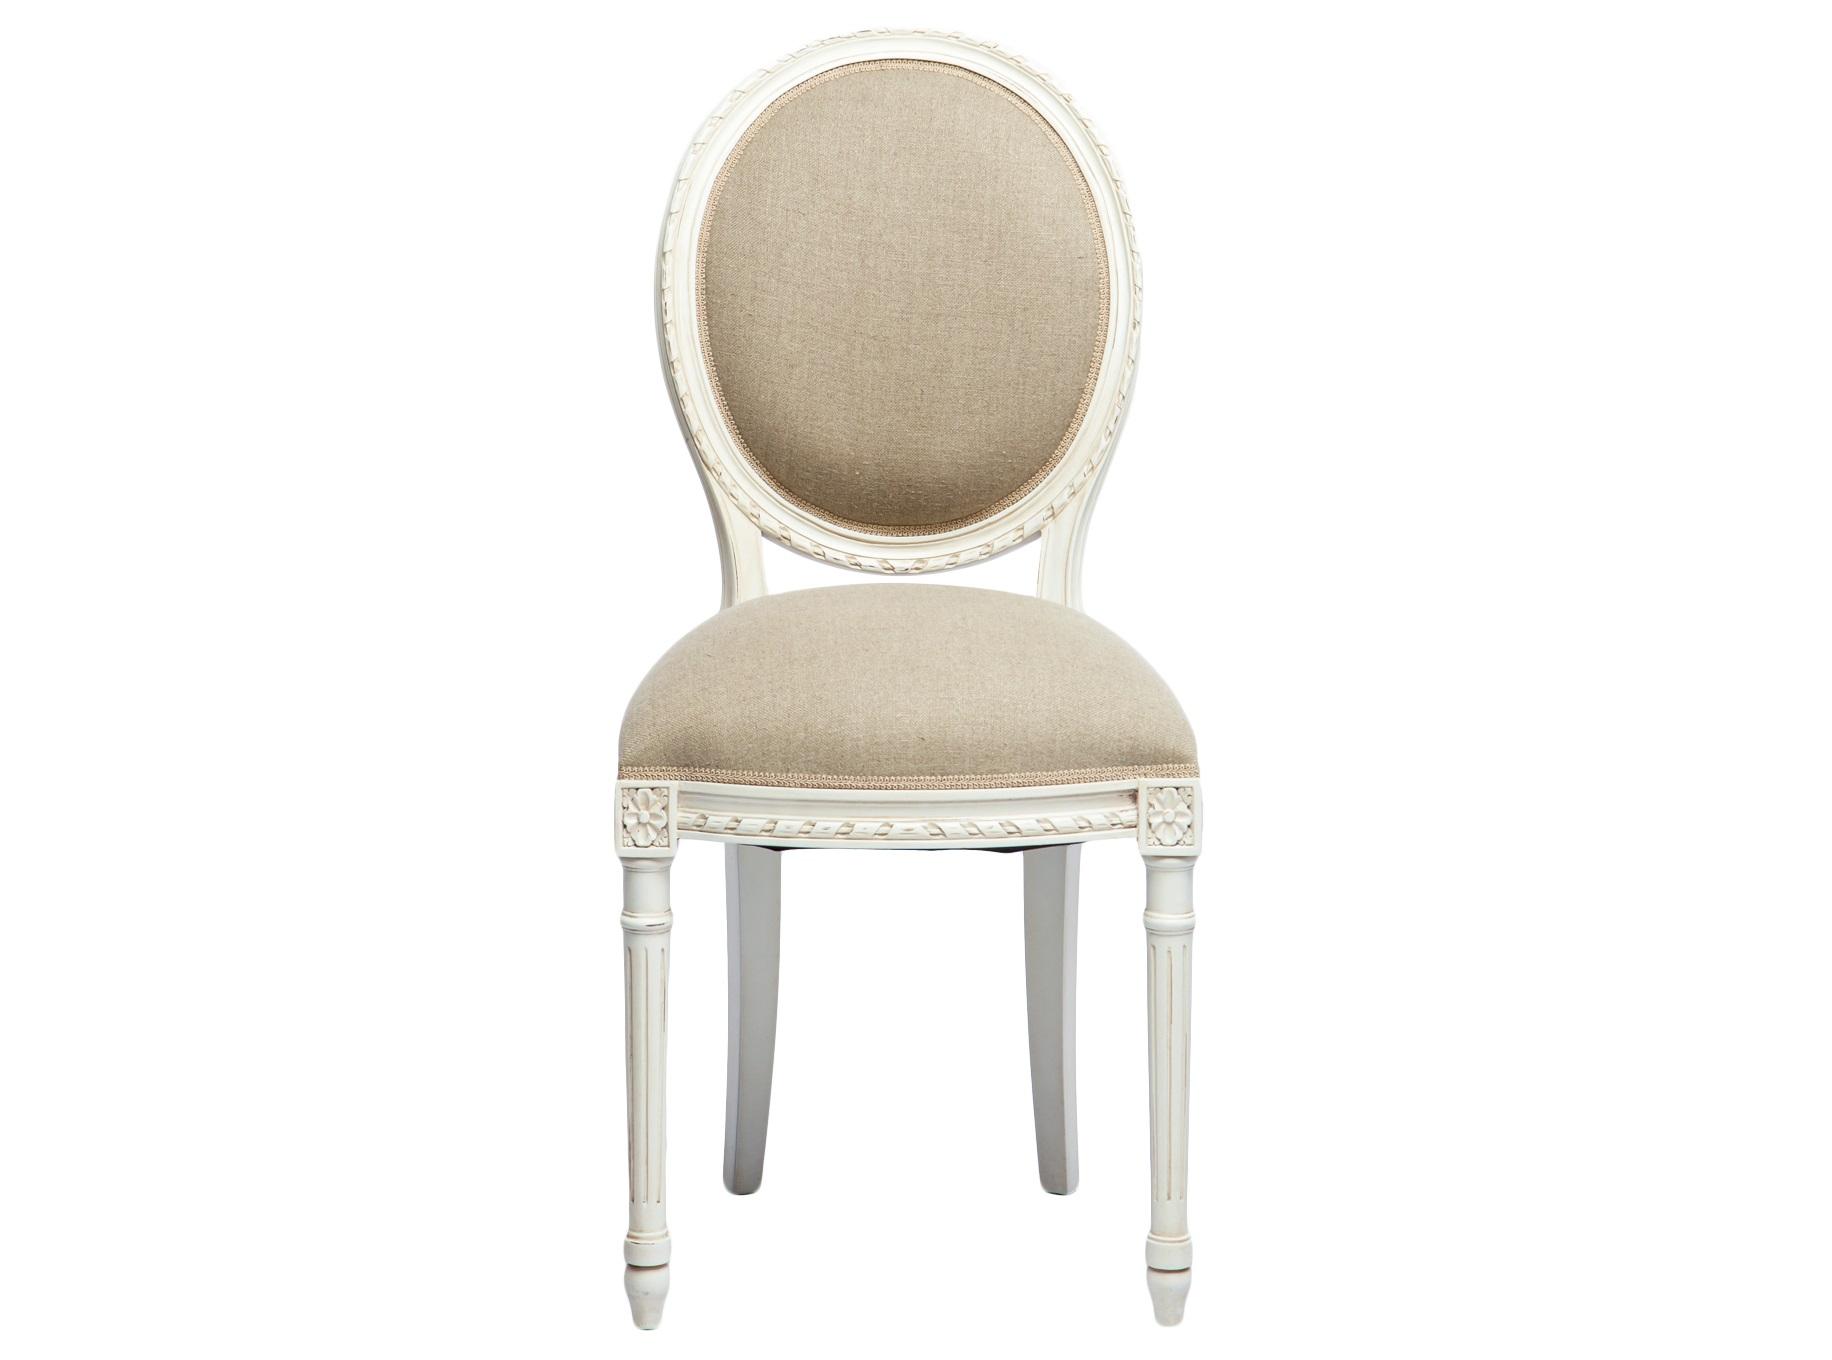 СтулОбеденные стулья<br>Стул из дерева махагони с мягкой спинкой-медальон, украшен резьбой и патиной.<br><br>Material: Красное дерево<br>Ширина см: 45<br>Высота см: 97<br>Глубина см: 45